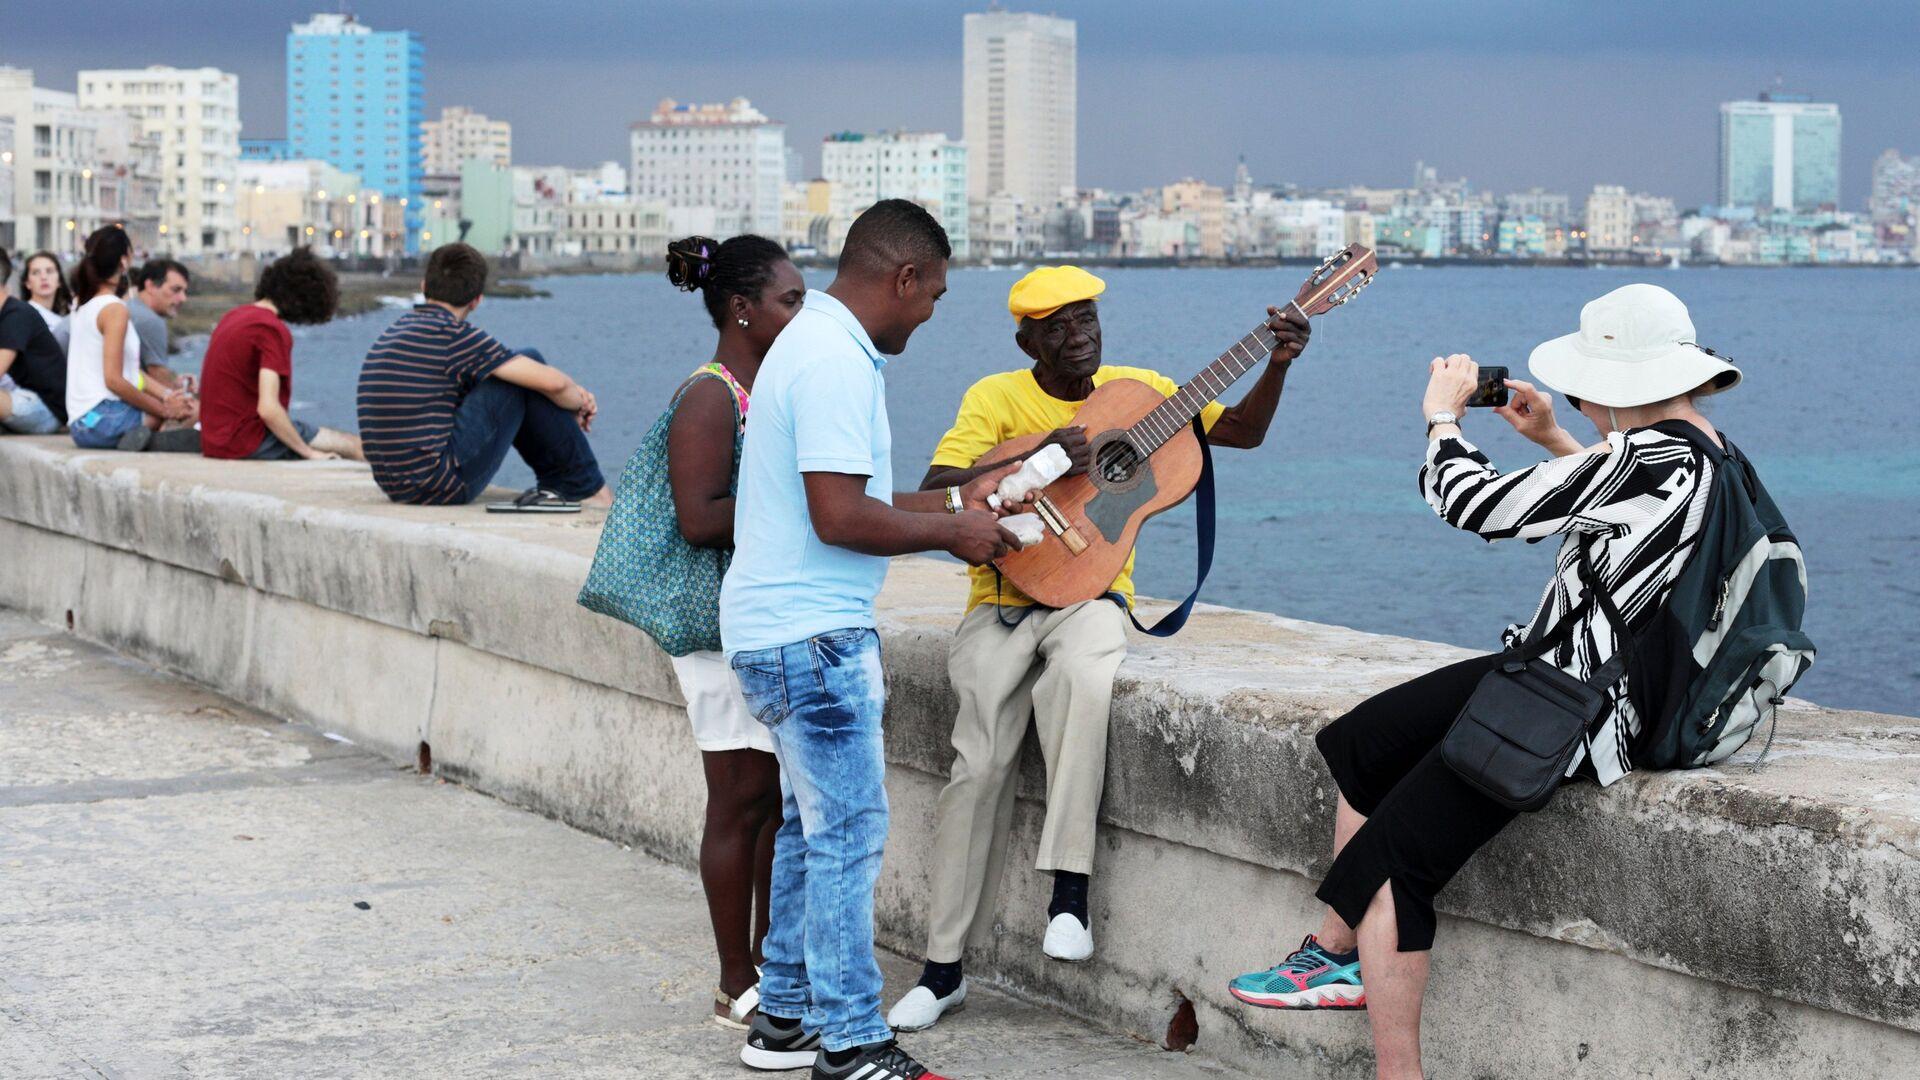 Кубинцы и туристы отдыхают на набережной Малекон в Гаване - РИА Новости, 1920, 15.10.2020